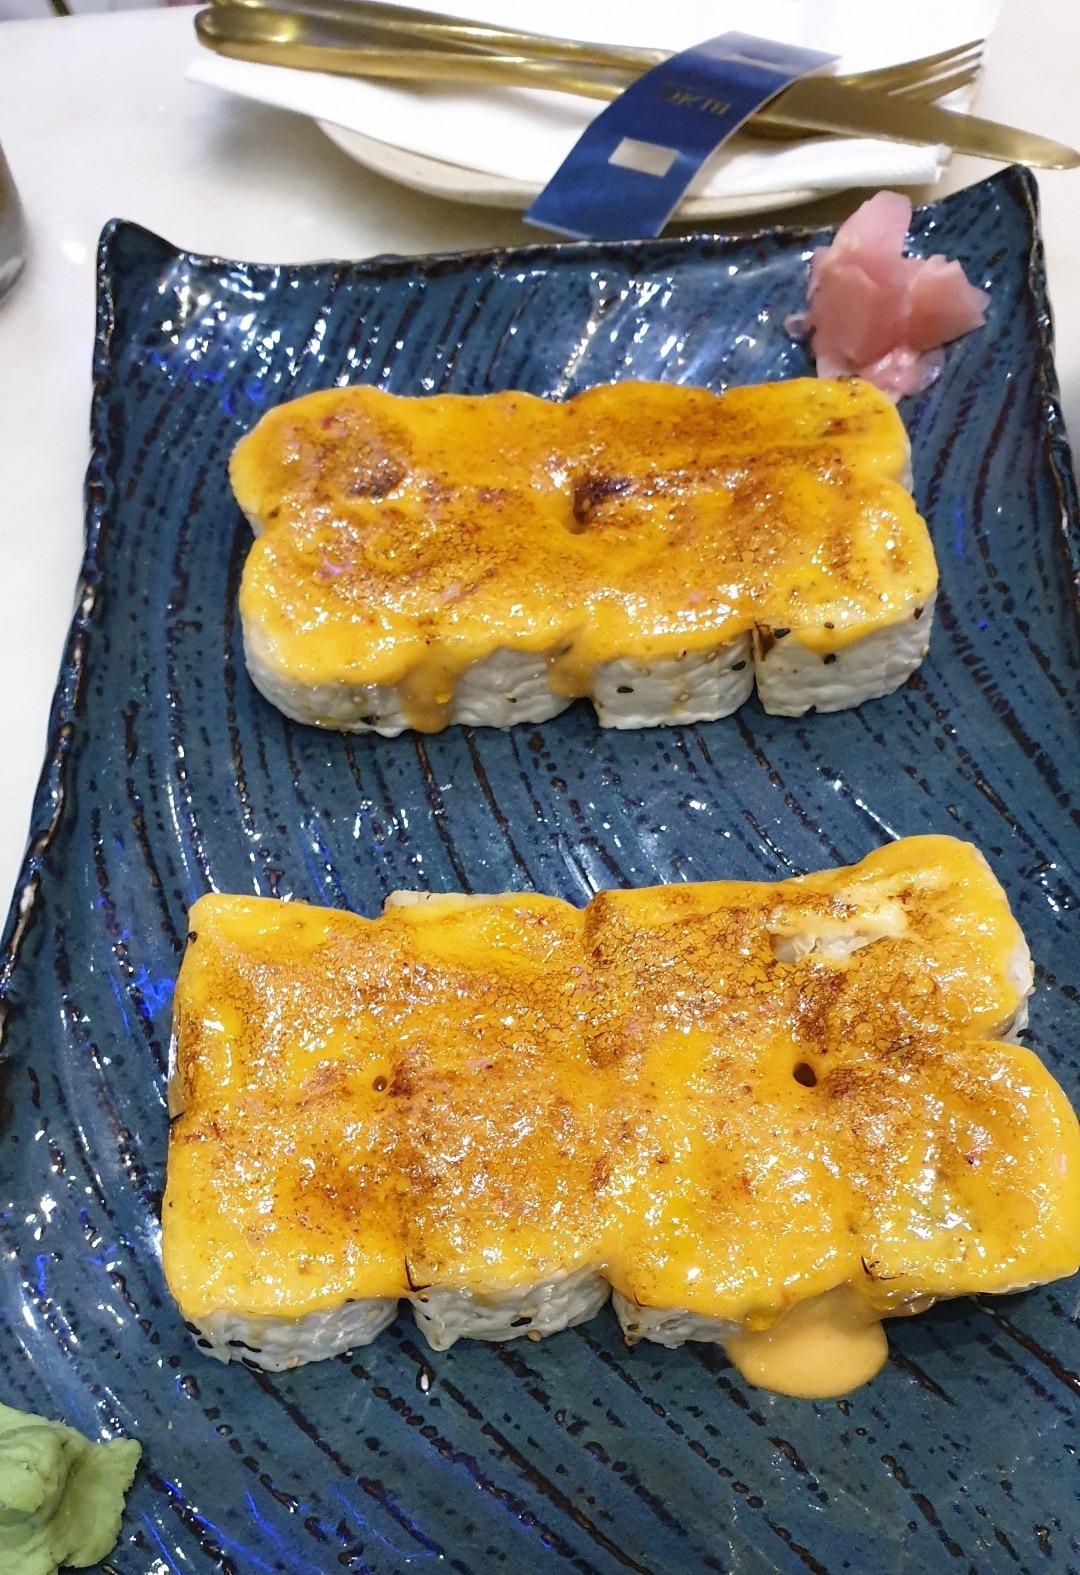 Sushi @ Biko Restaurant - Bahrain